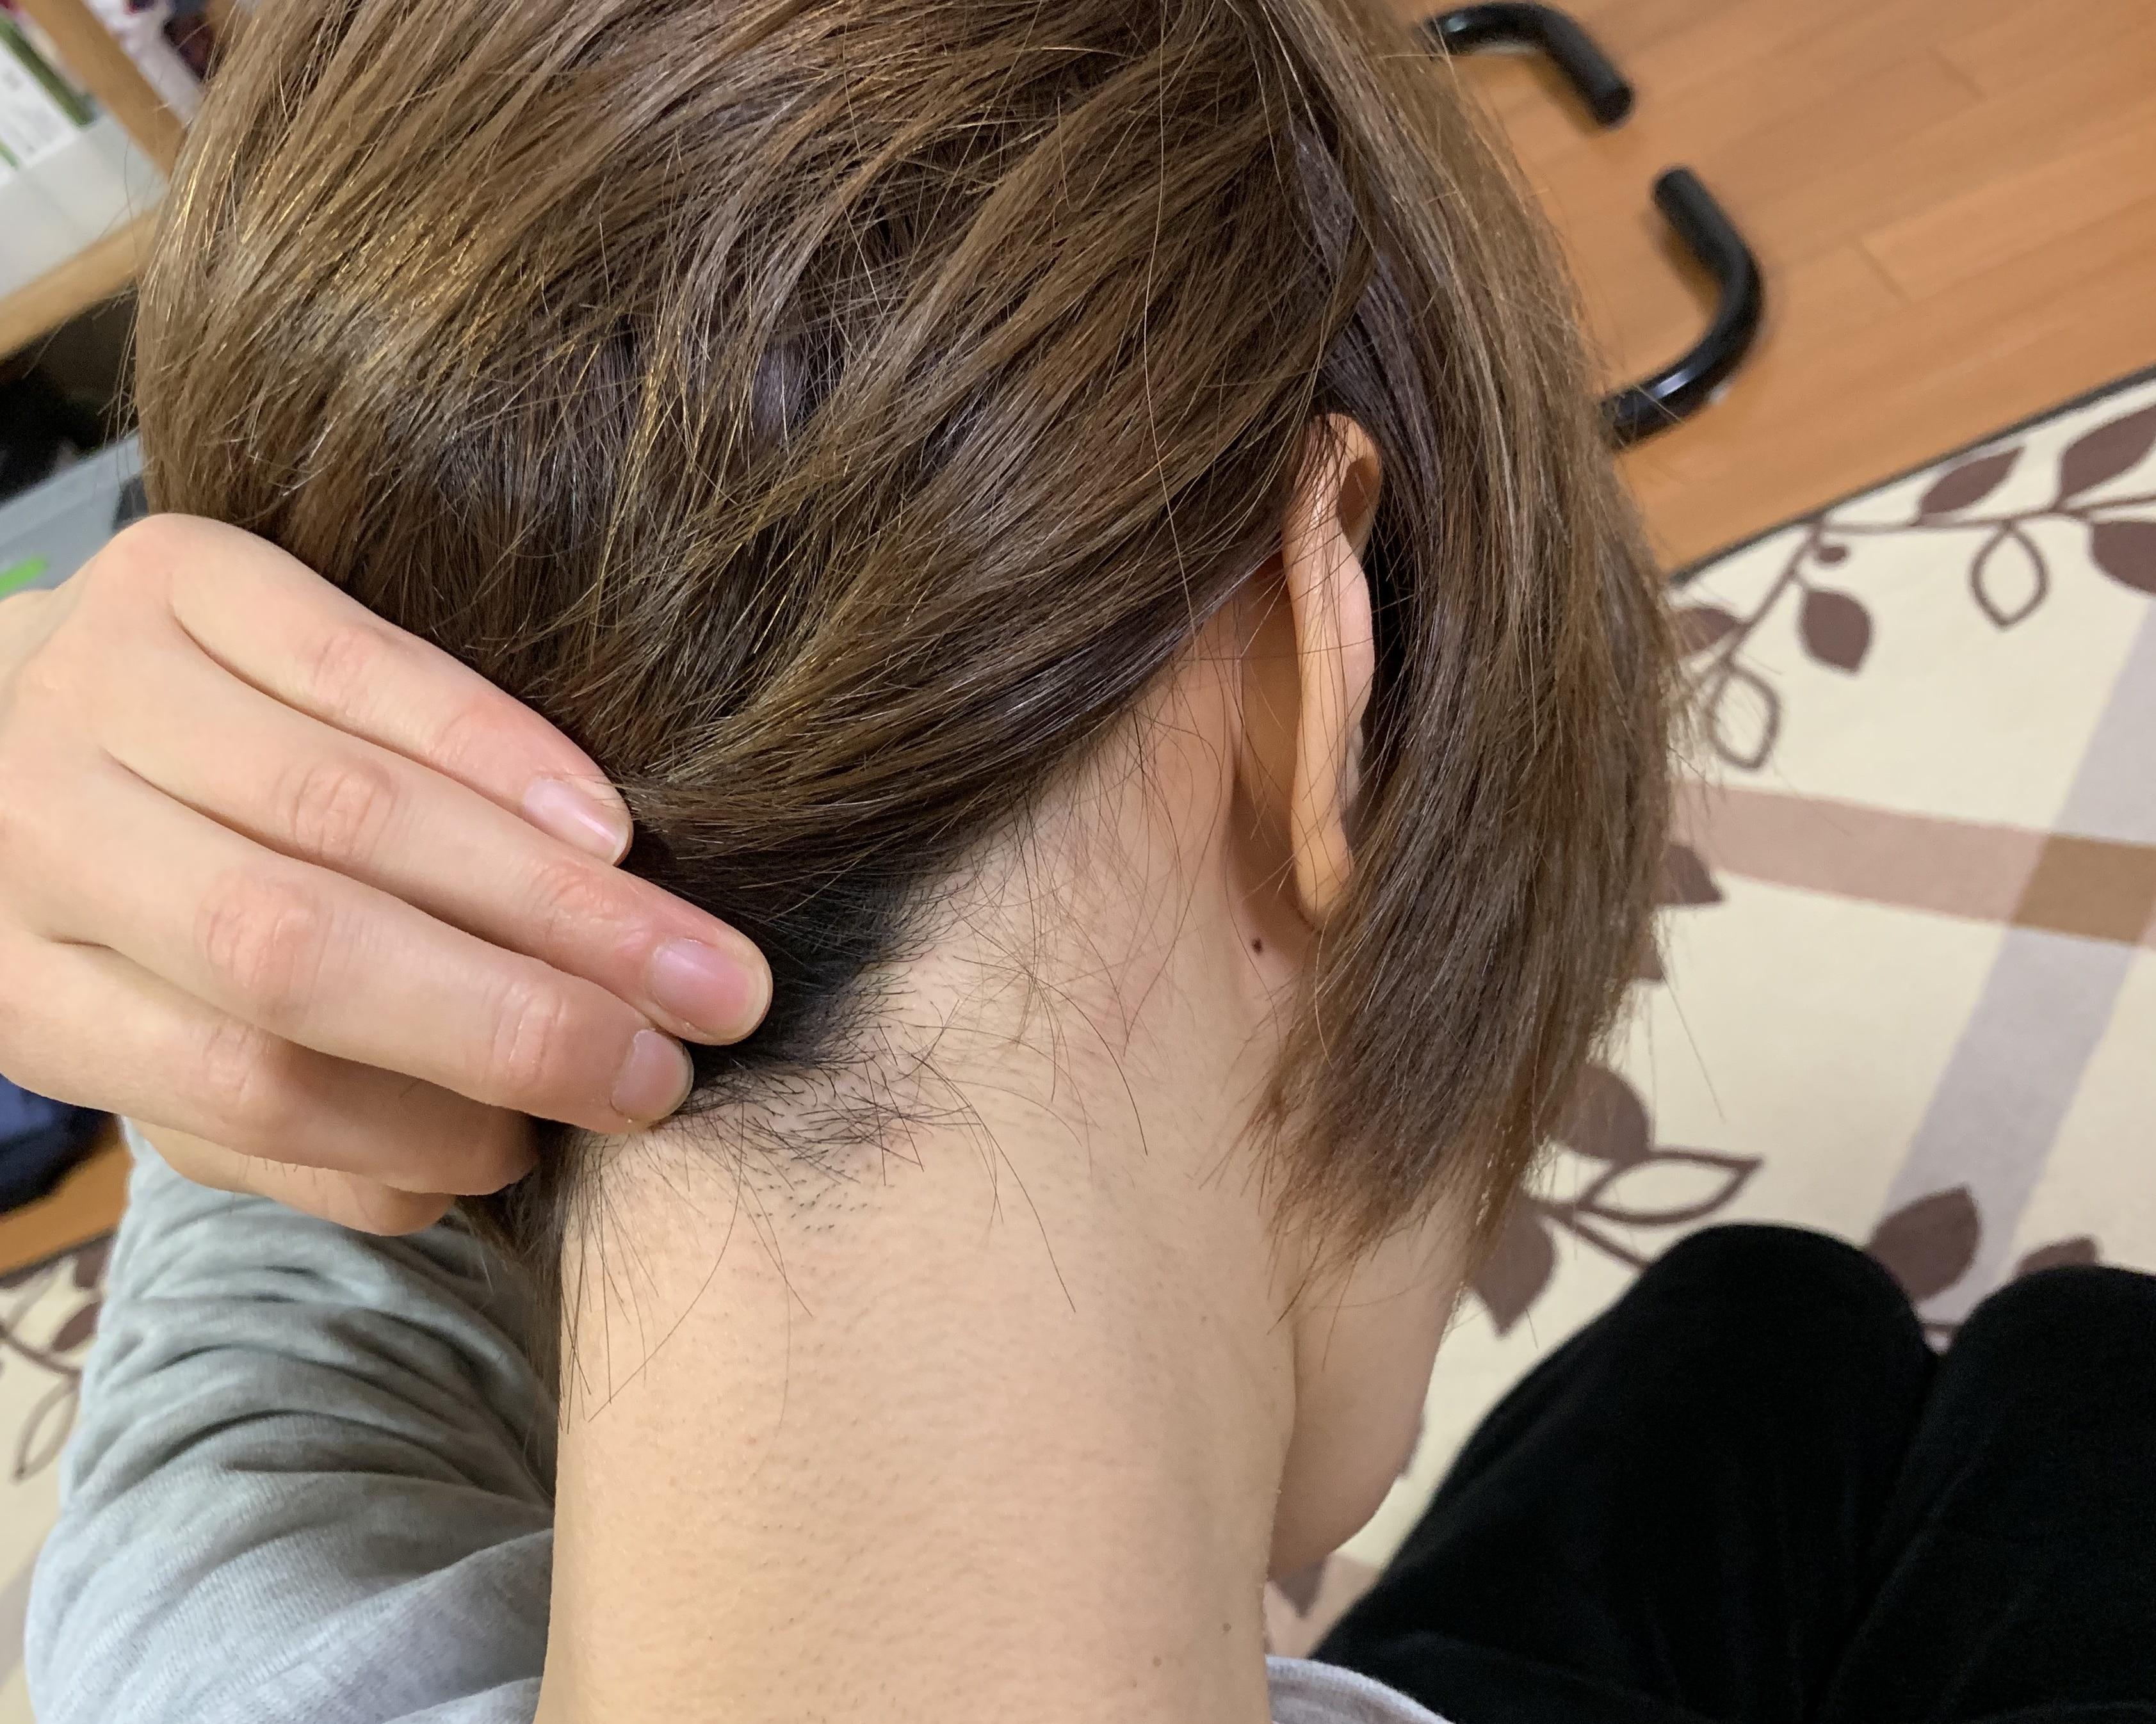 銀座カラーうなじ脱毛写真2